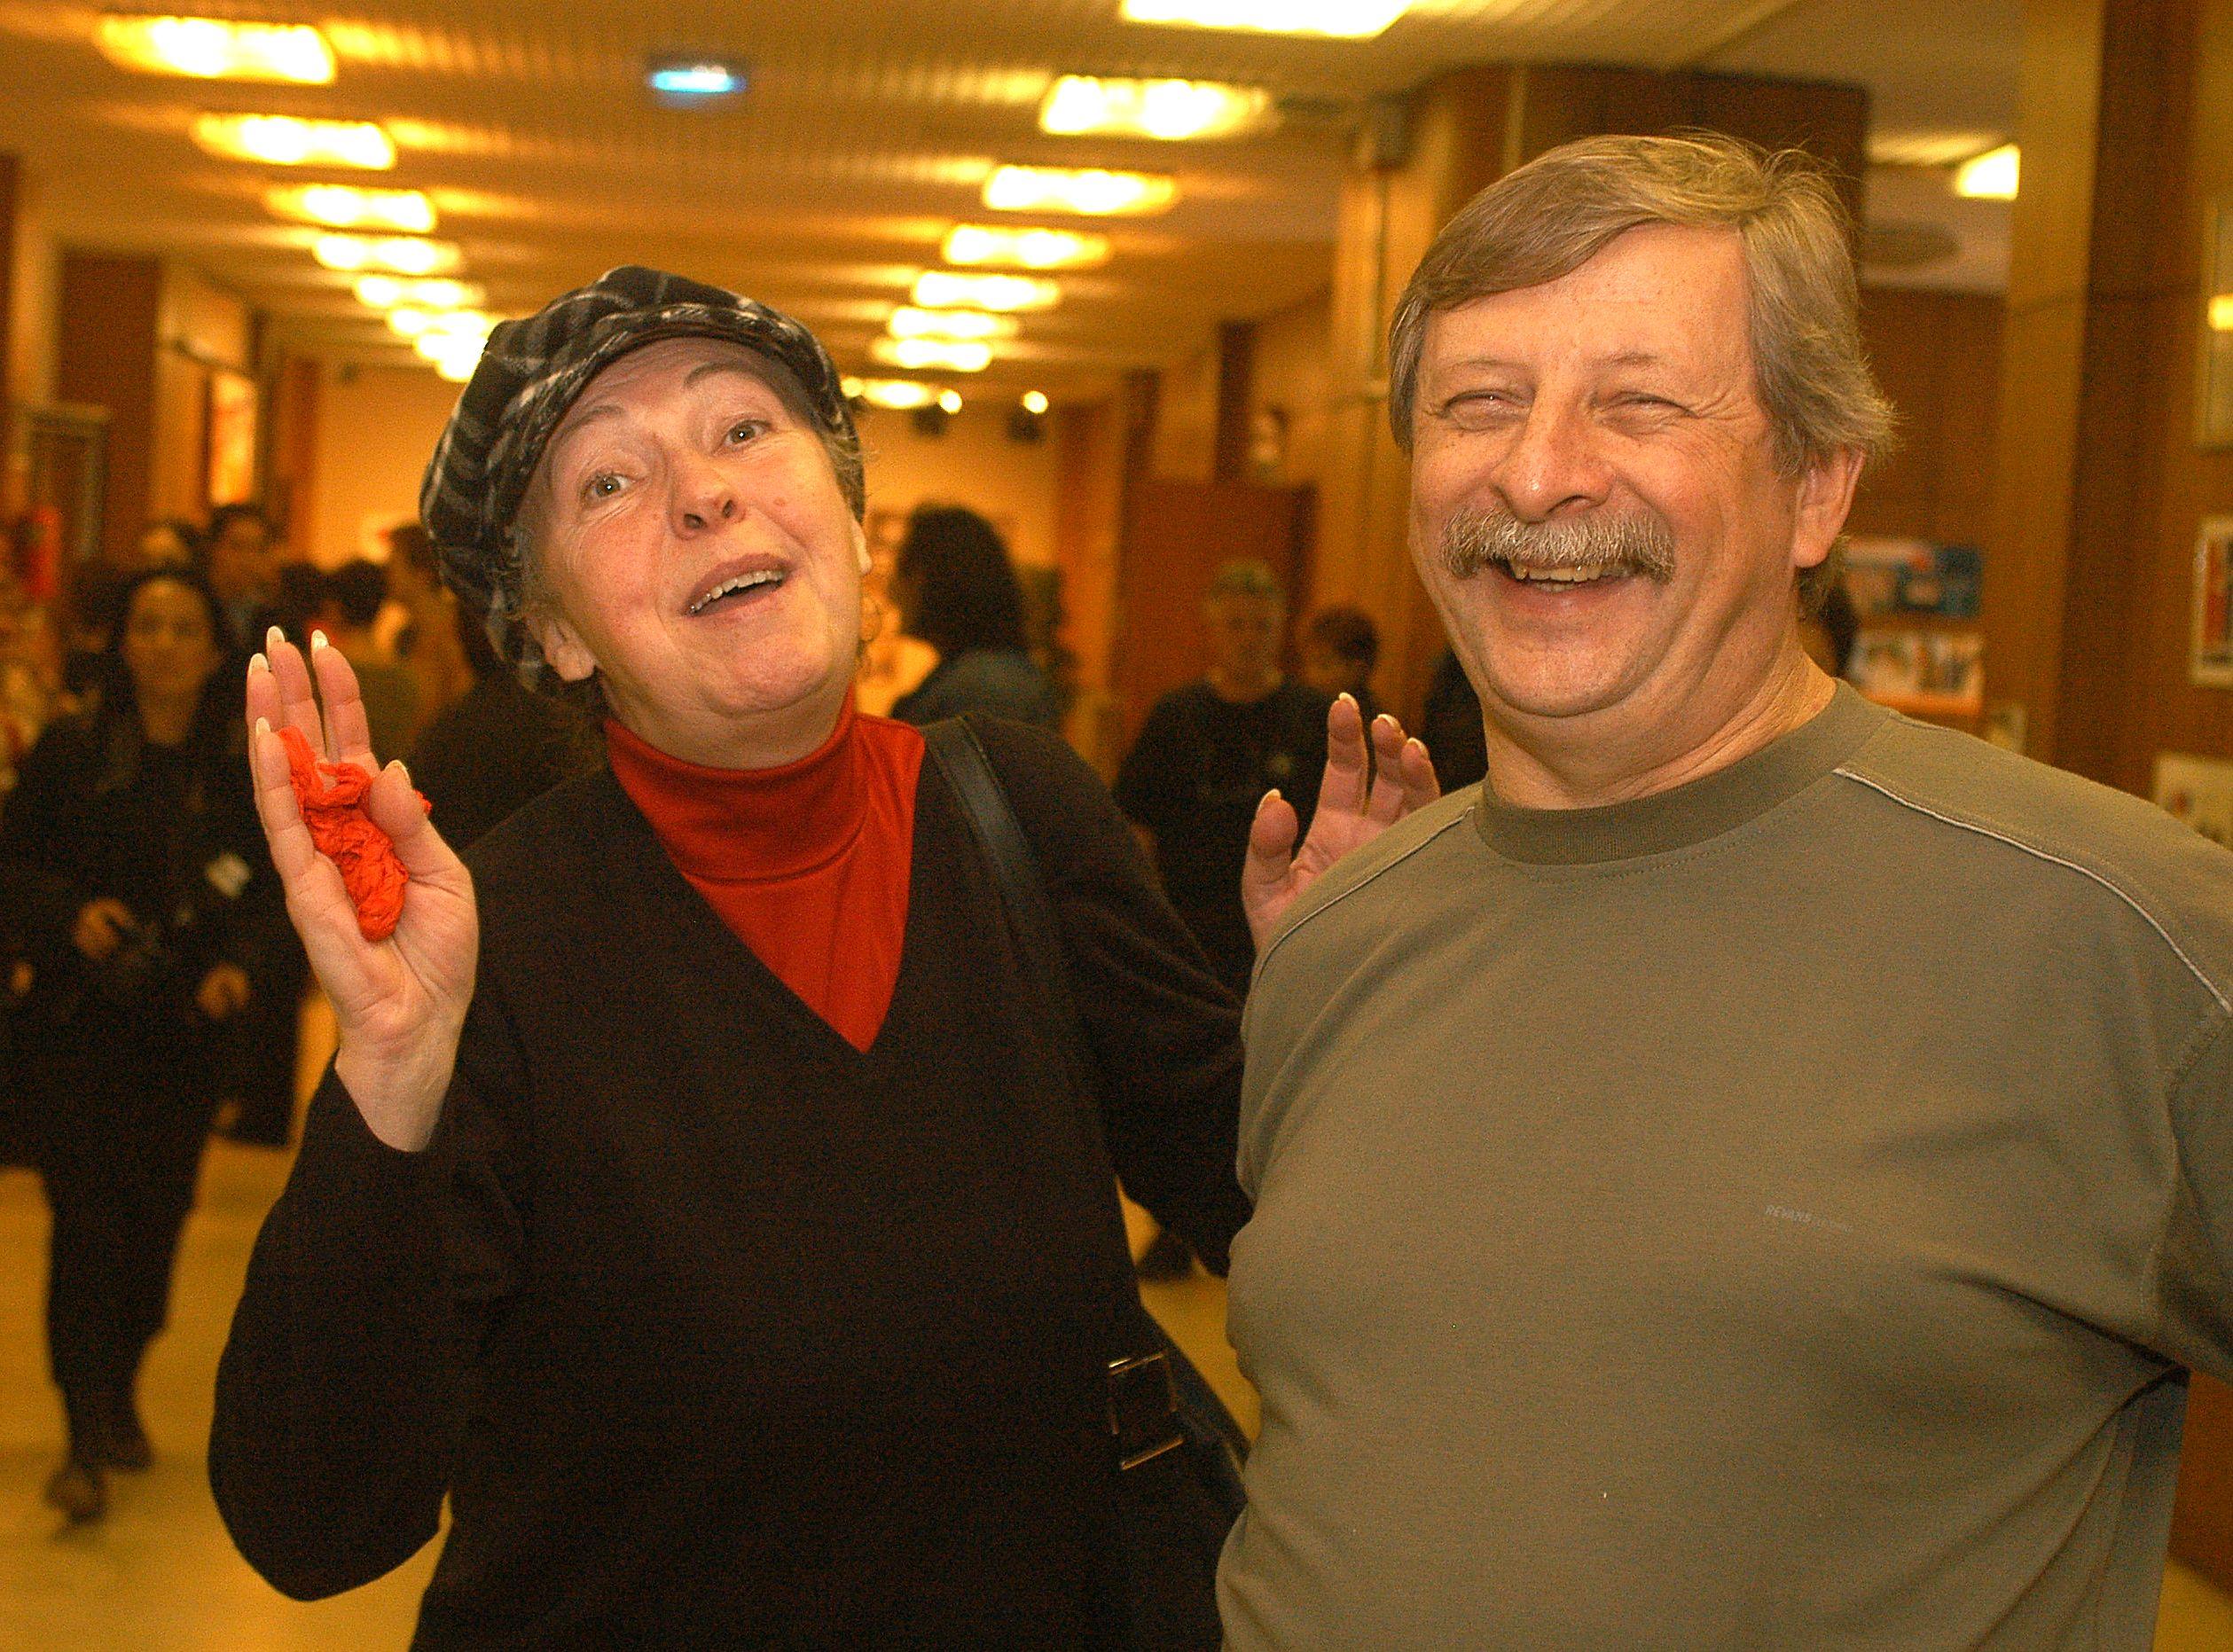 Várkonyi András és Fodor Zsóka így néztek ki 16 évvel ezelőtt (Fotó: smagpix)